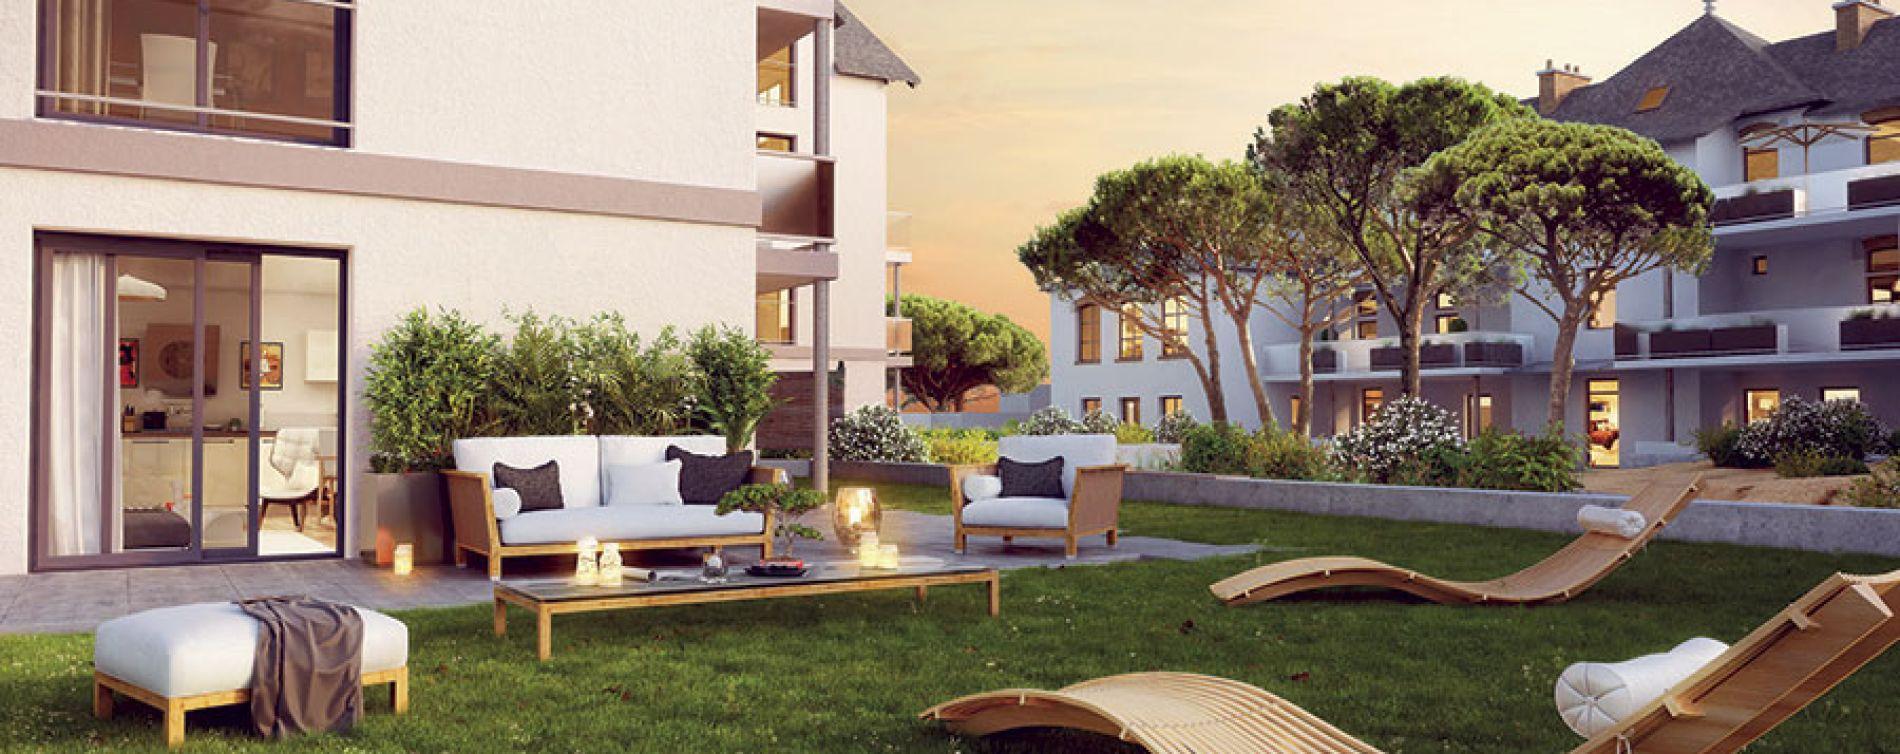 La Baule-Escoublac : programme immobilier neuve « Villas Sophia » (3)